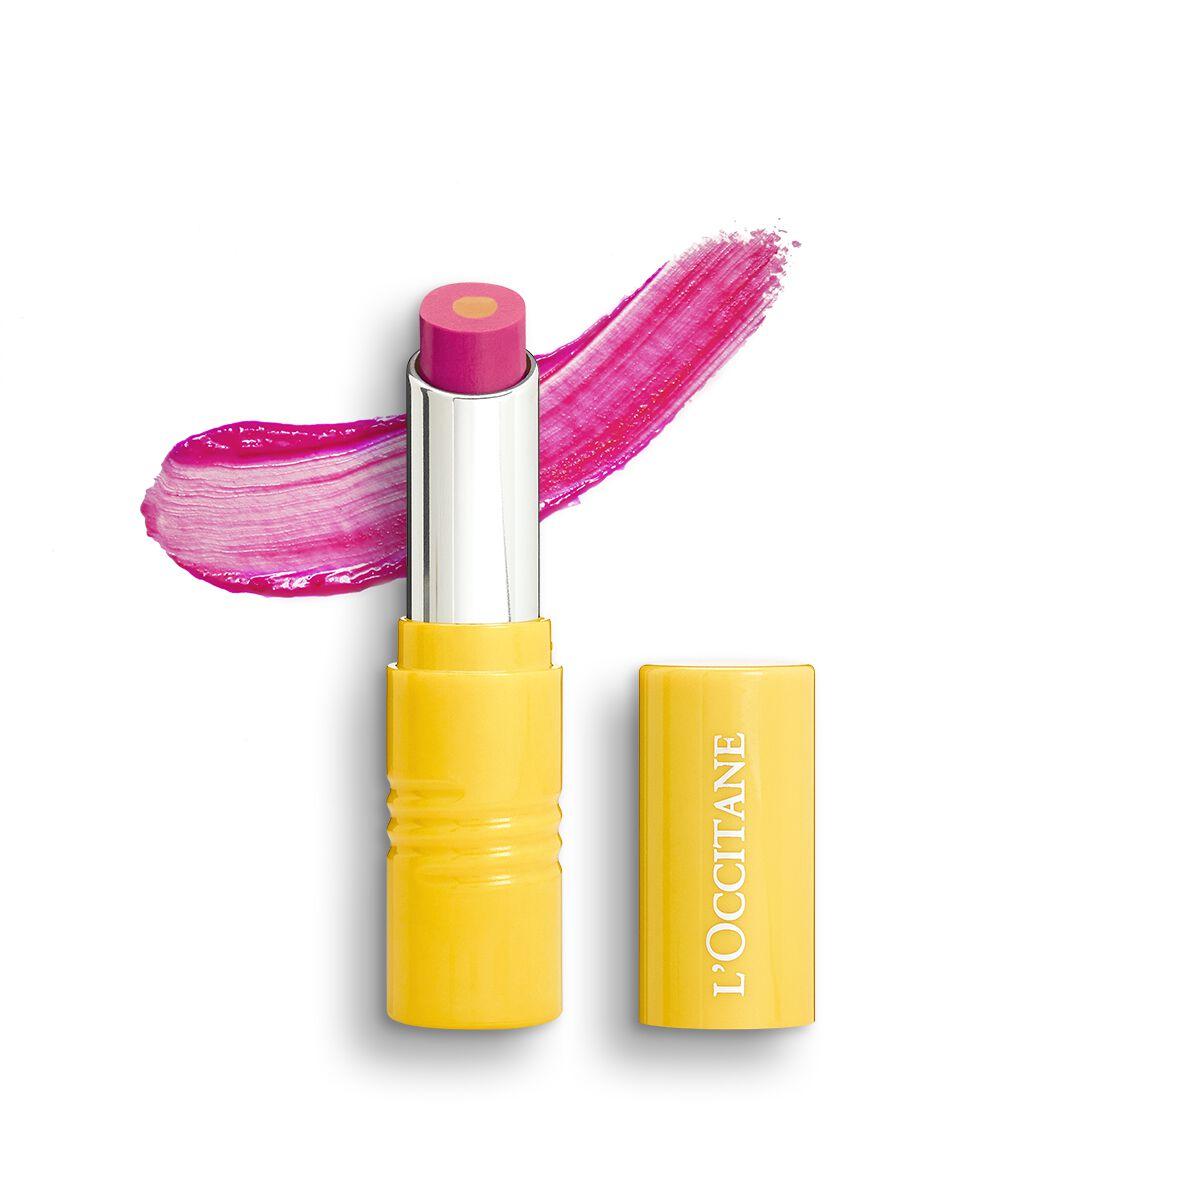 Fruity Lipstick - Flamingo Kiss 28 g. - L'OCCITANE